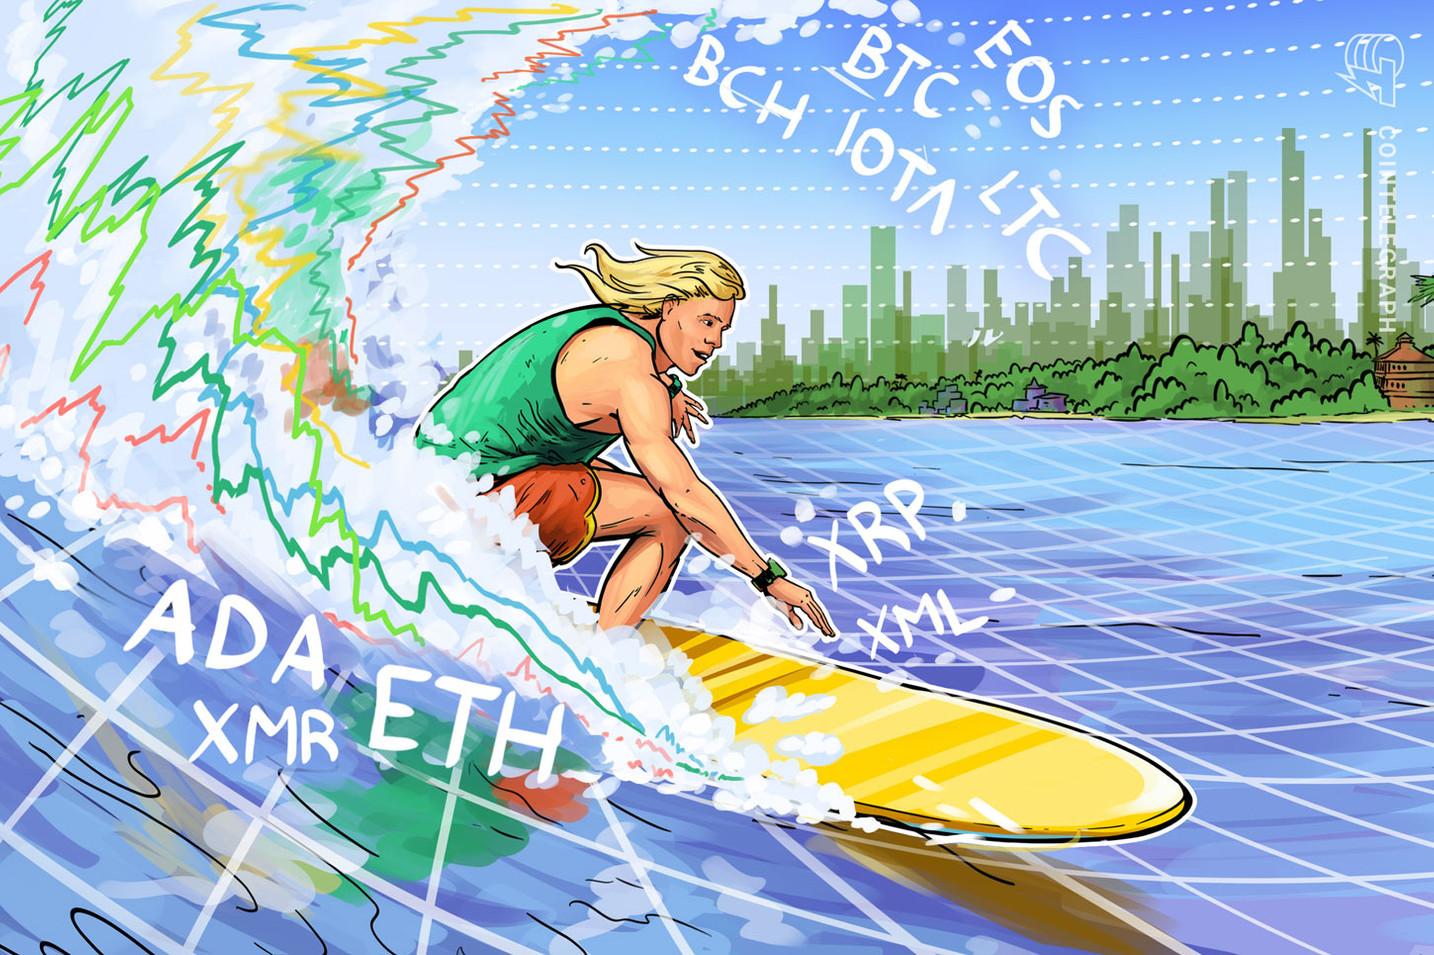 Análisis de precios, 24 de agosto: Bitcoin, Ethereum, Ripple, Bitcoin Cash, EOS, Stellar, Litecoin, Cardano, Monero, IOTA